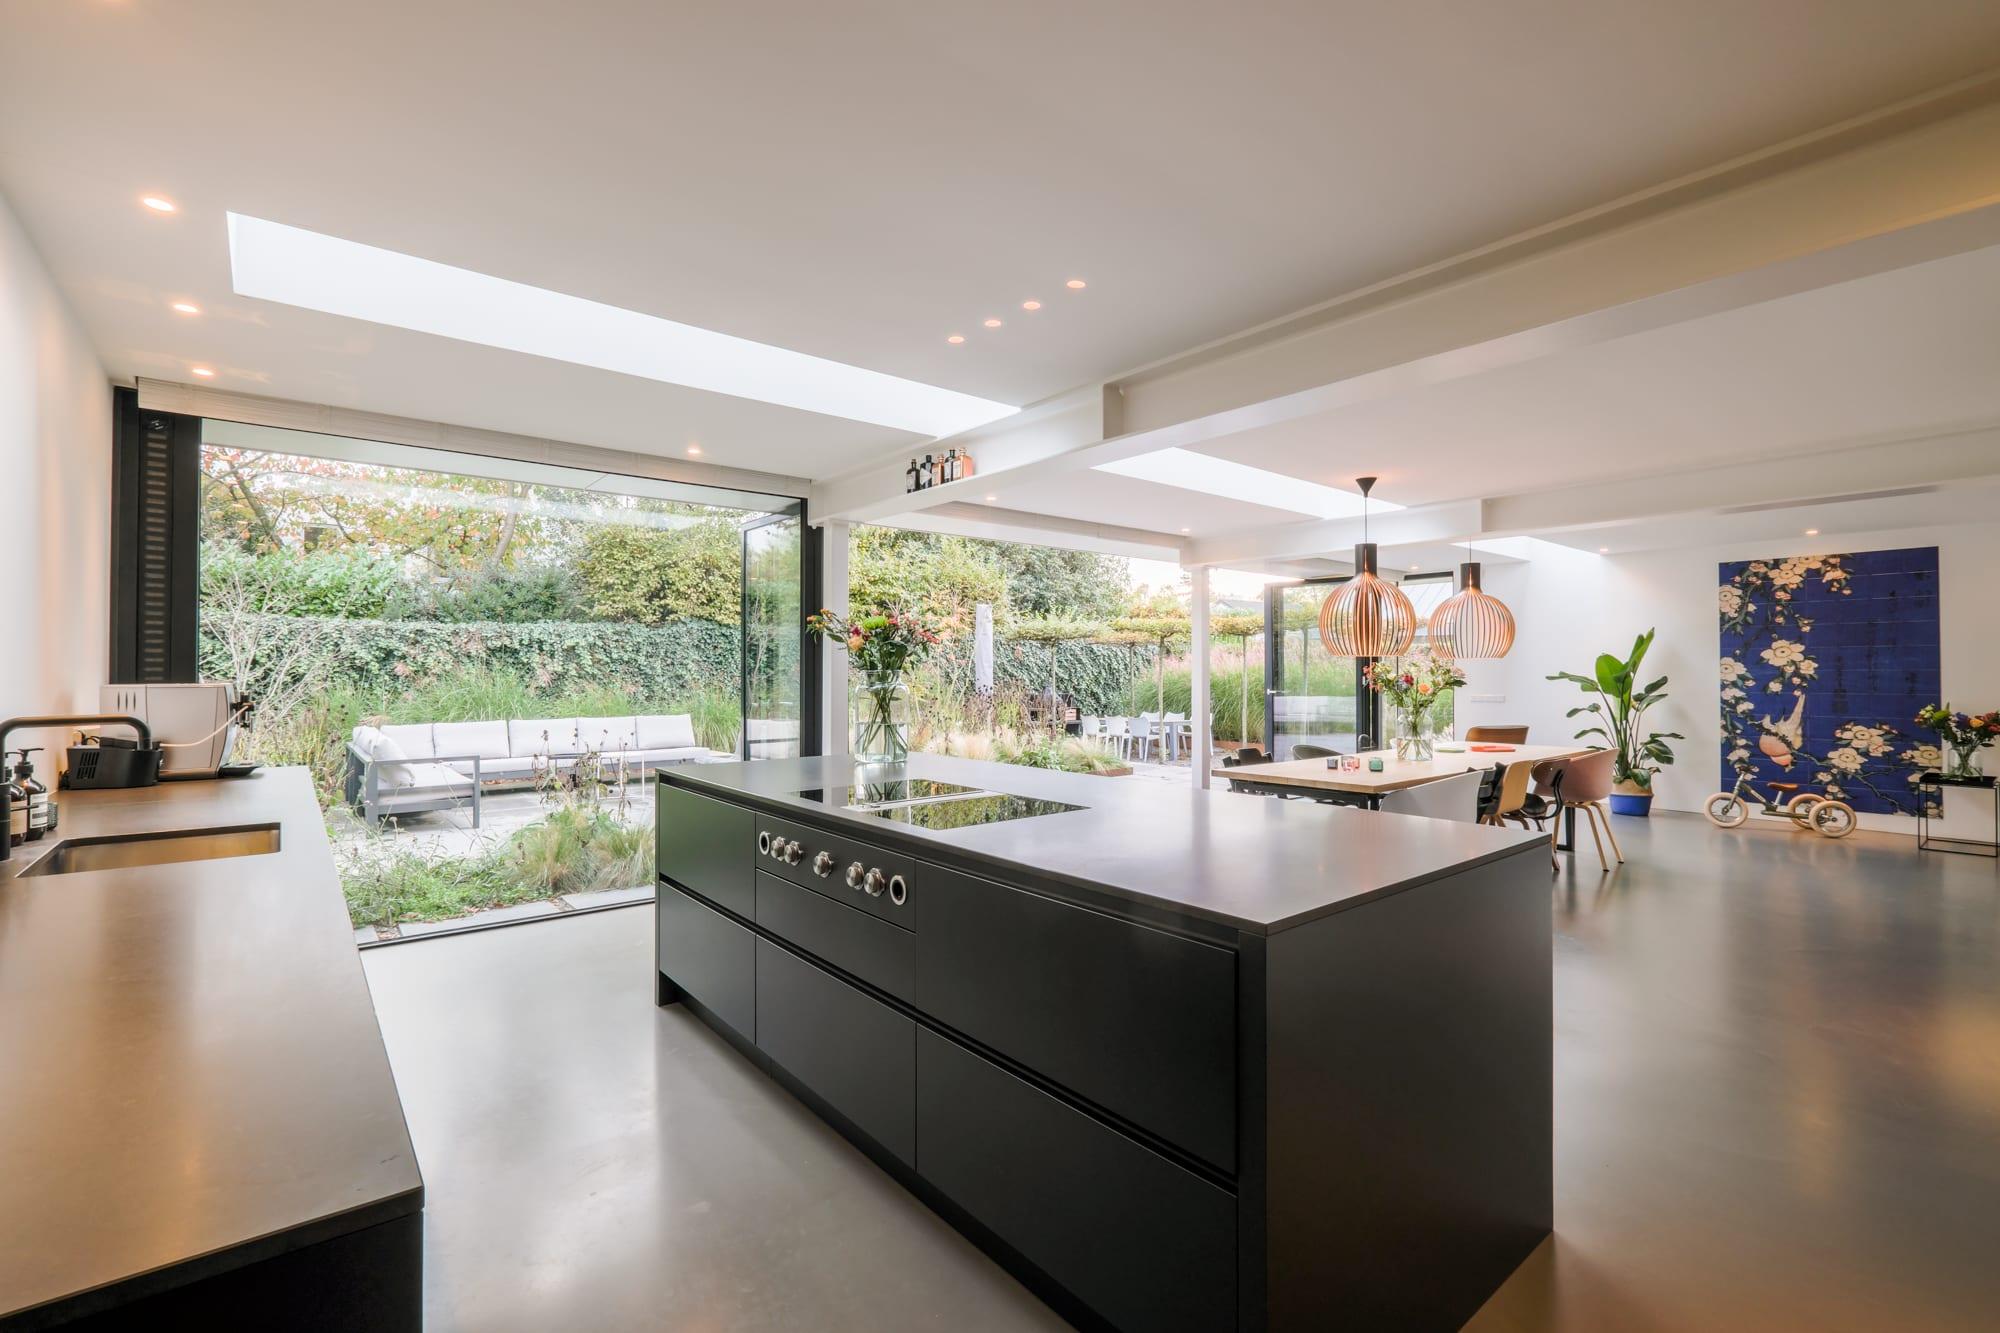 van-os-architecten-breda-ontwerp-moderne-aanbouw-met-aluminium-vouwschuifpui-kookeiland en zicht-op-de-tuin